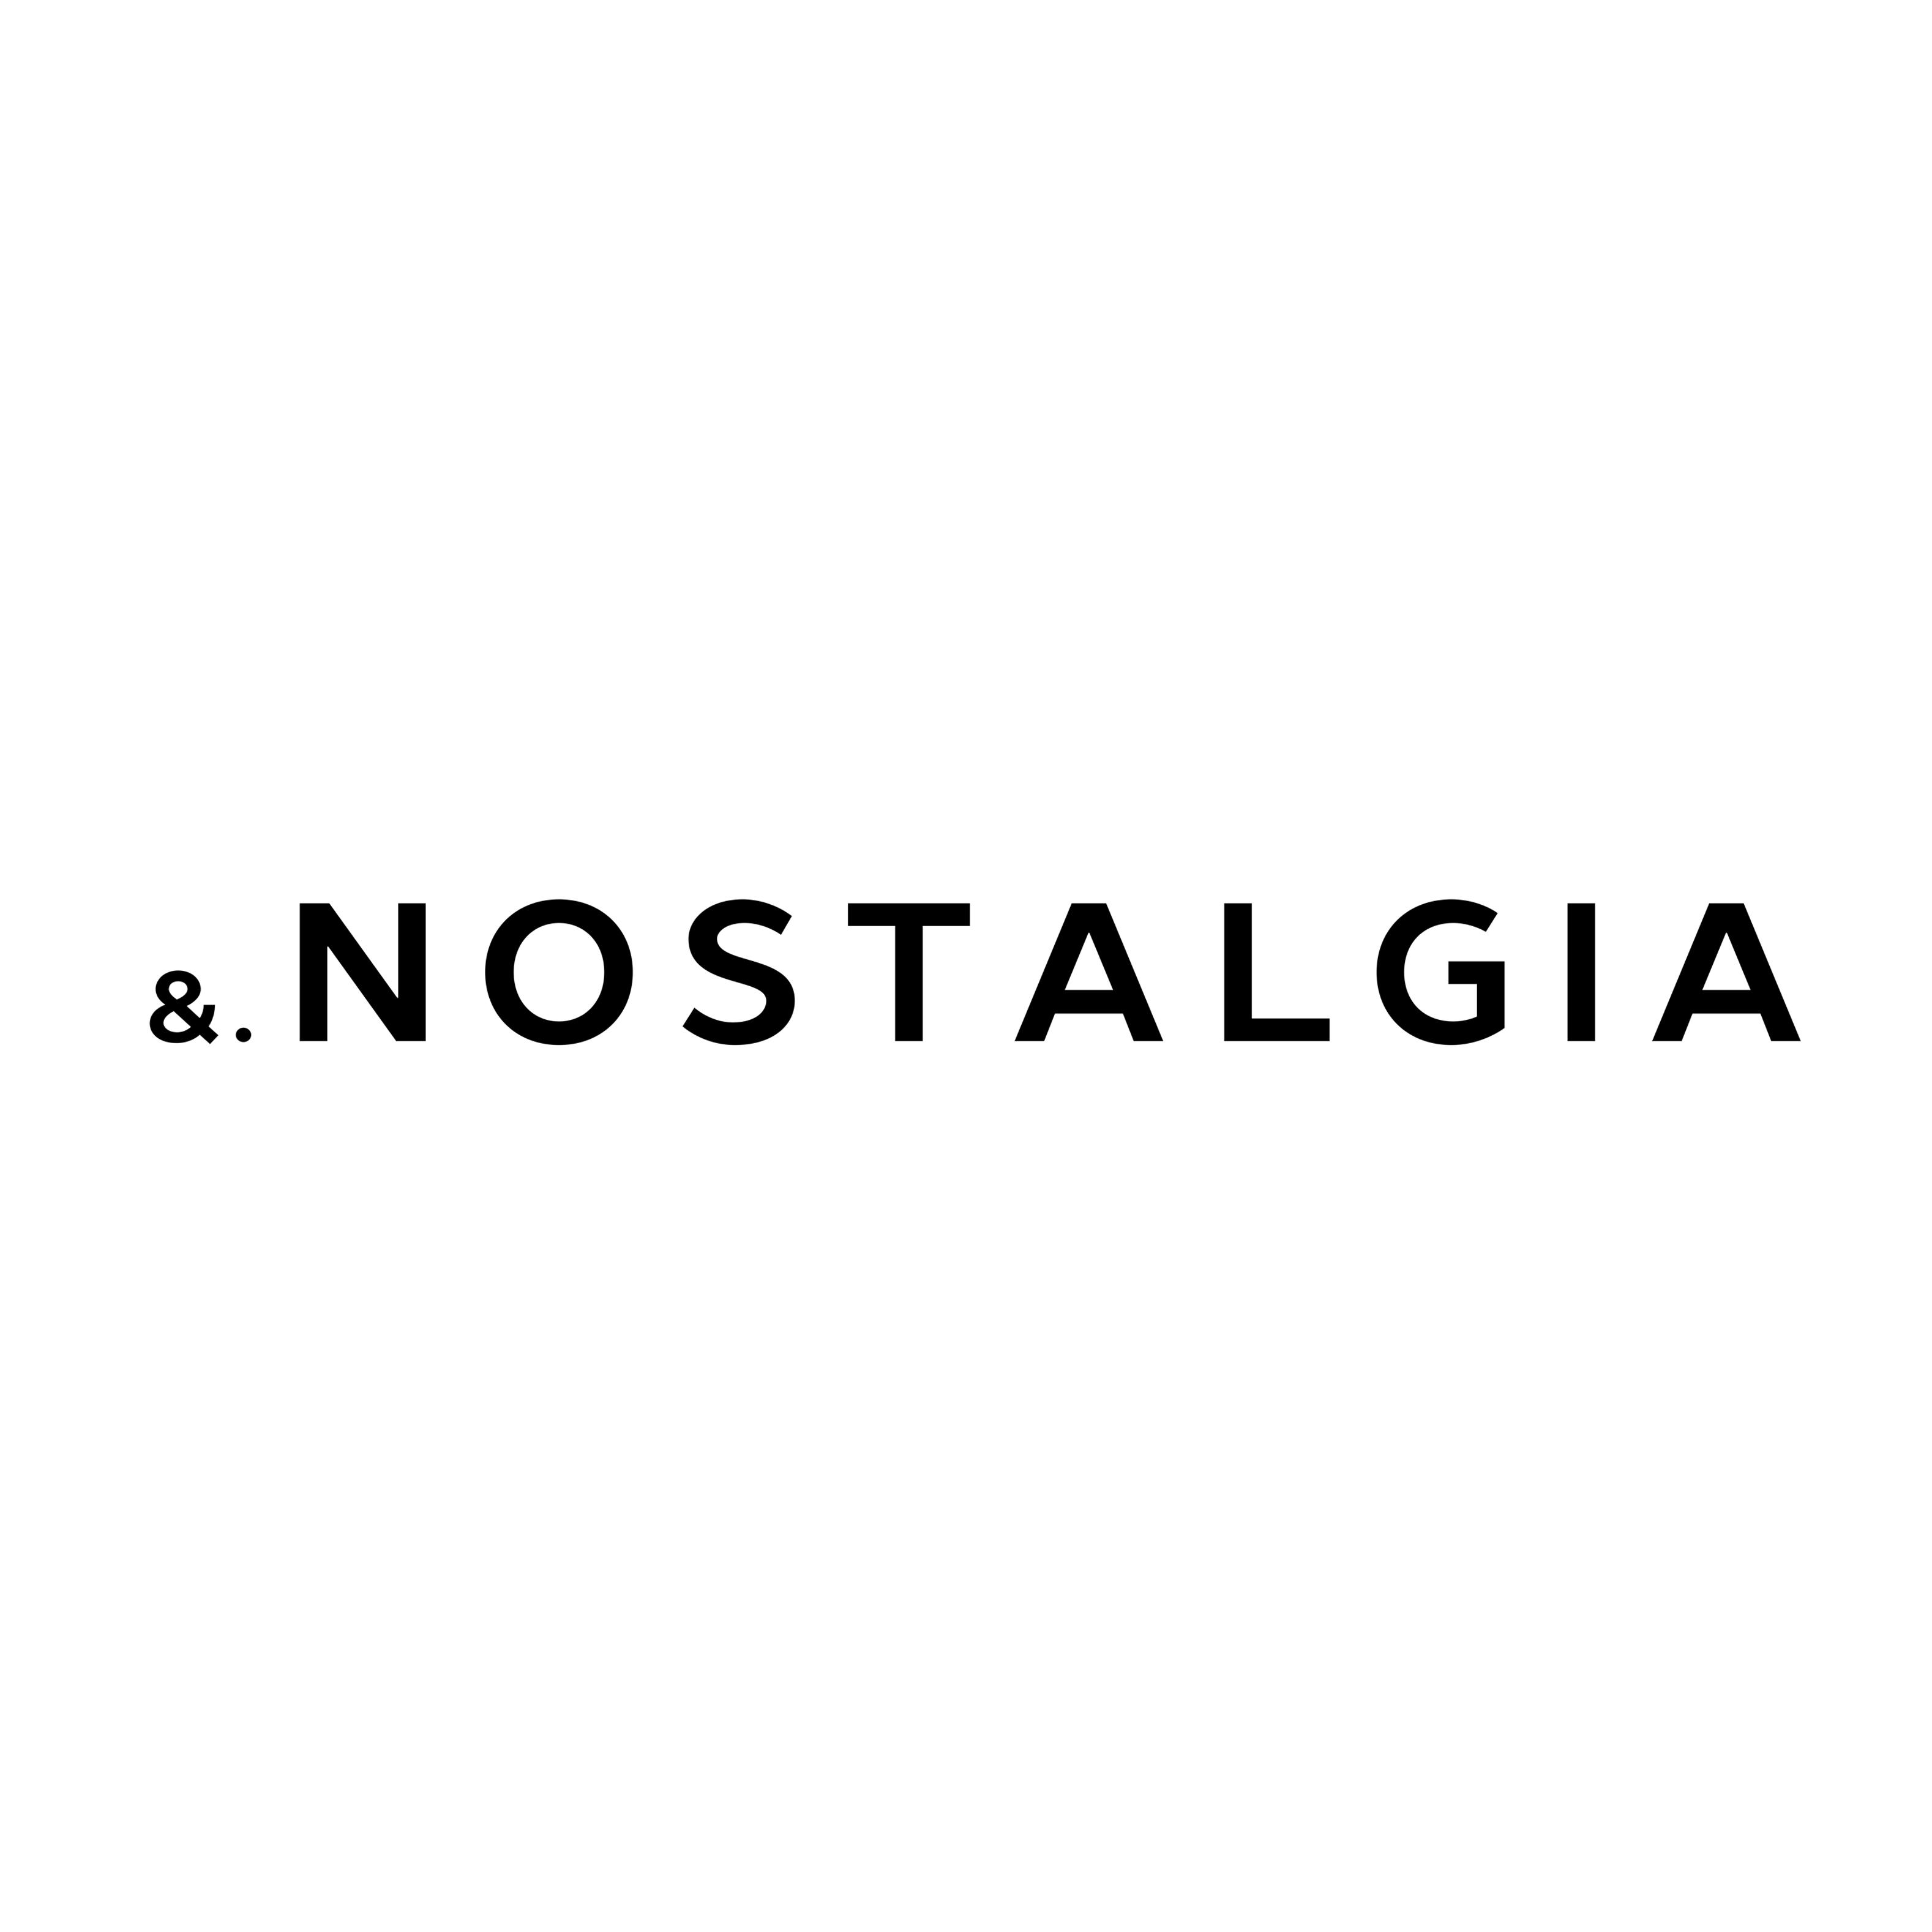 アンドドットノスタルジアのロゴ画像